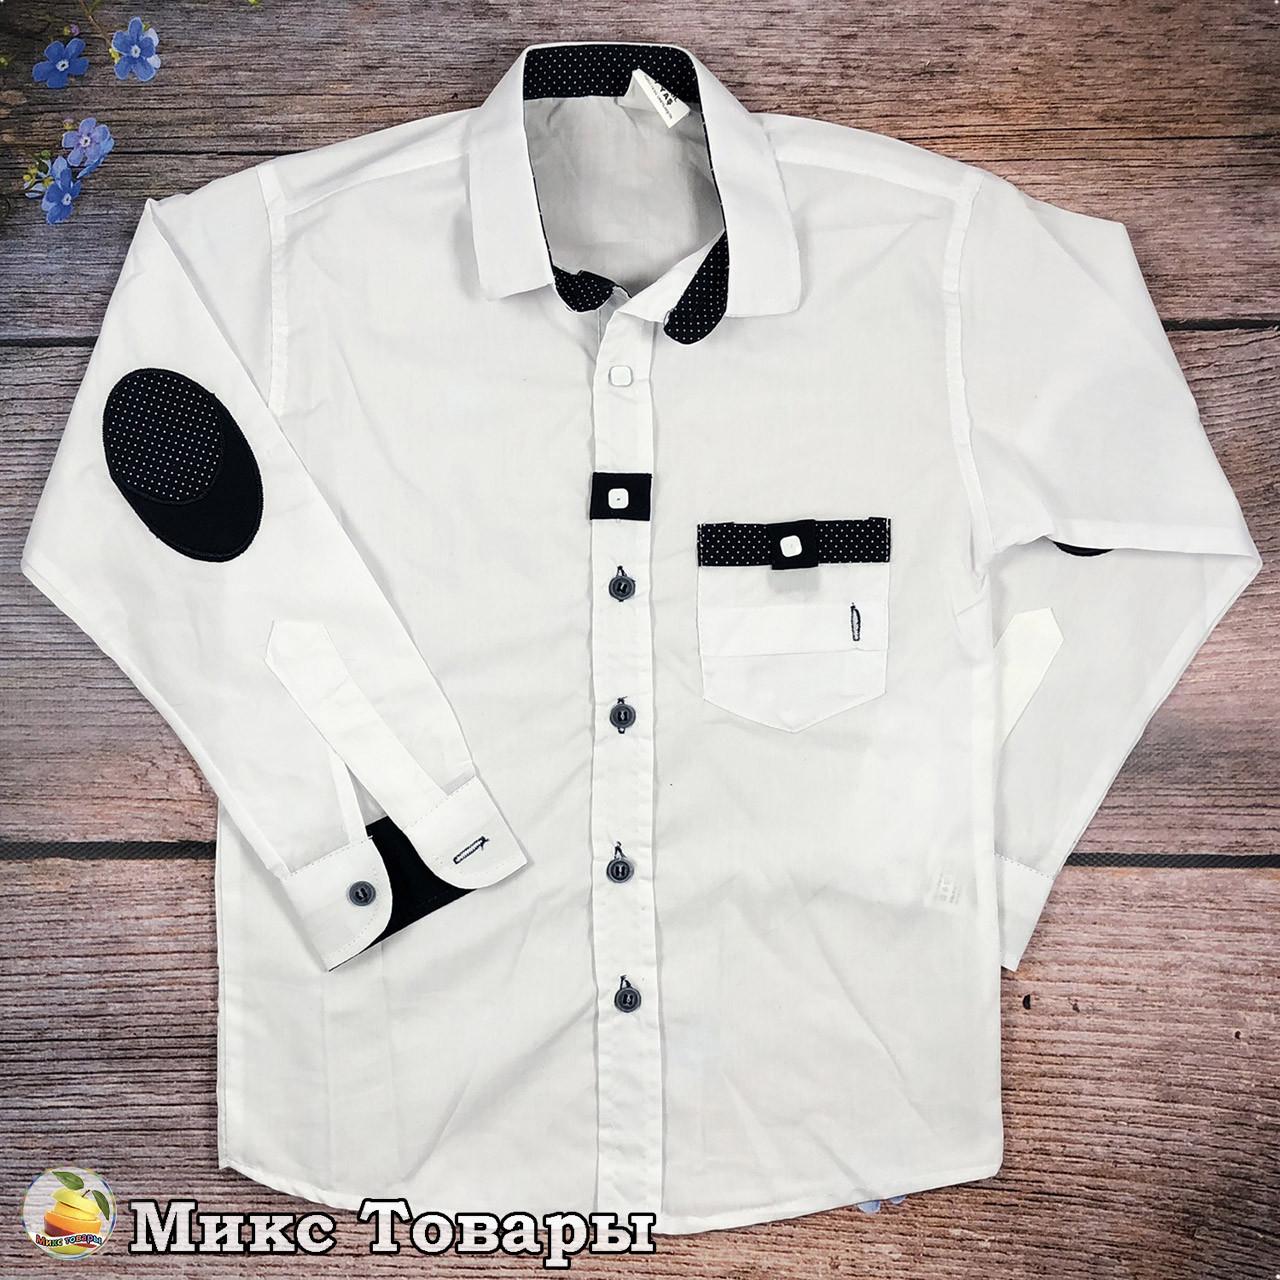 Турецкая белая рубашка для мальчика Размер: 7,8,9,10 лет (8692)